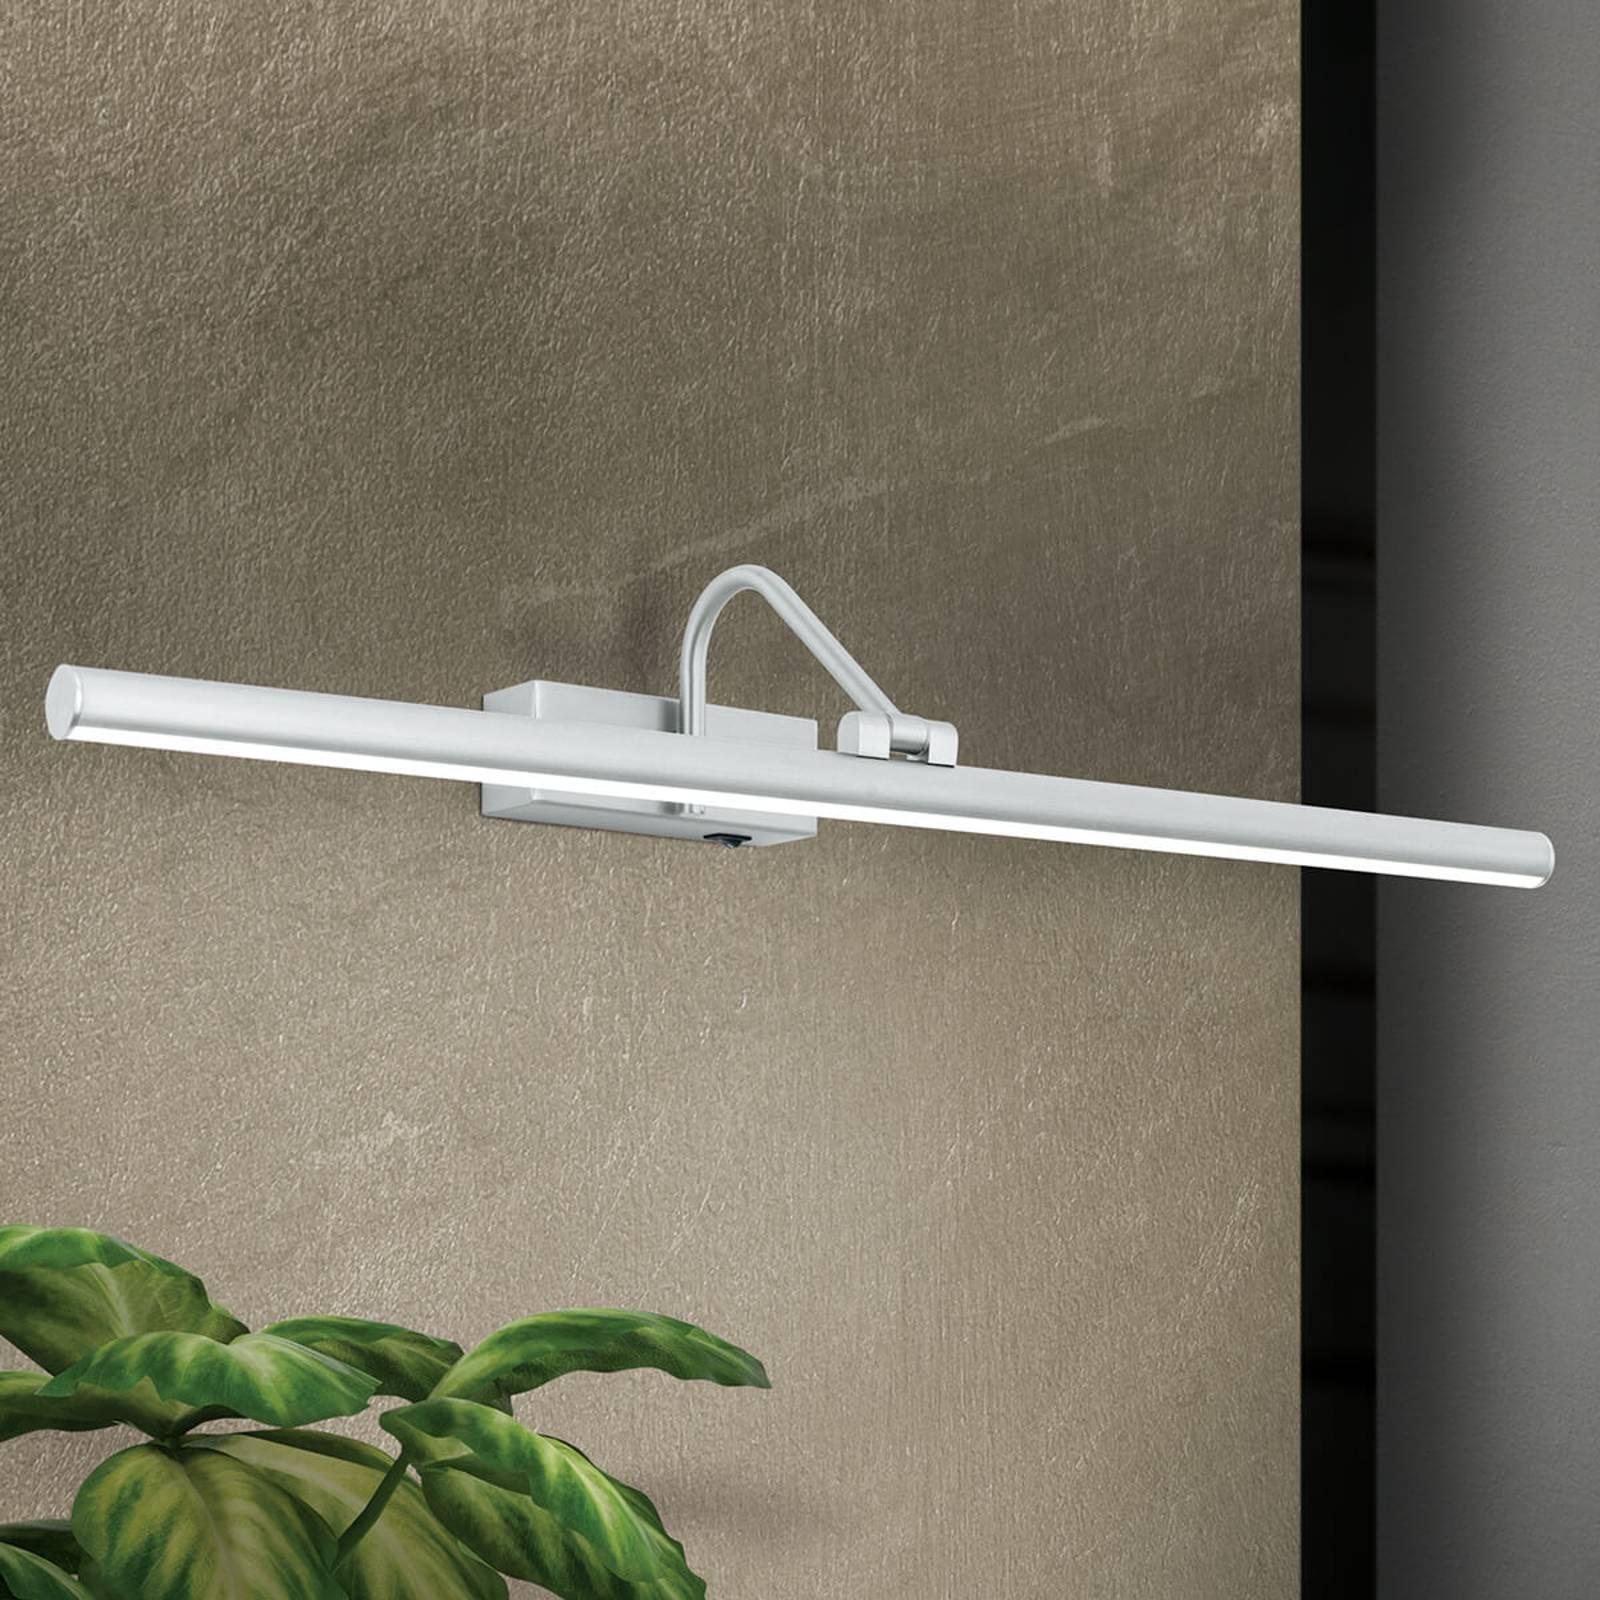 wandbeleuchtung und andere lampen von orion online kaufen bei m bel garten. Black Bedroom Furniture Sets. Home Design Ideas